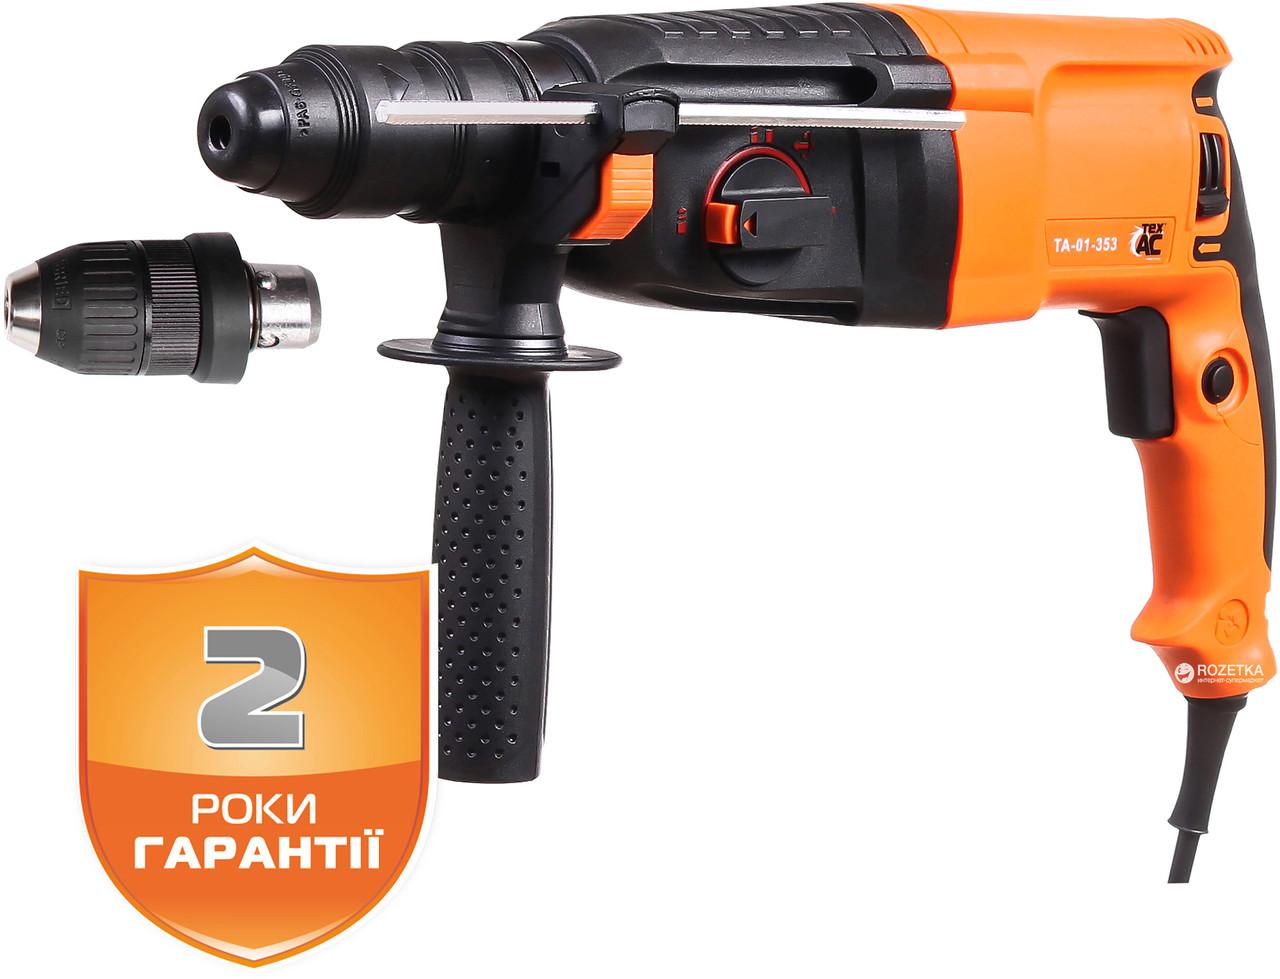 Перфоратор прямой ТехАС 1250 Вт (ТА-01-353)